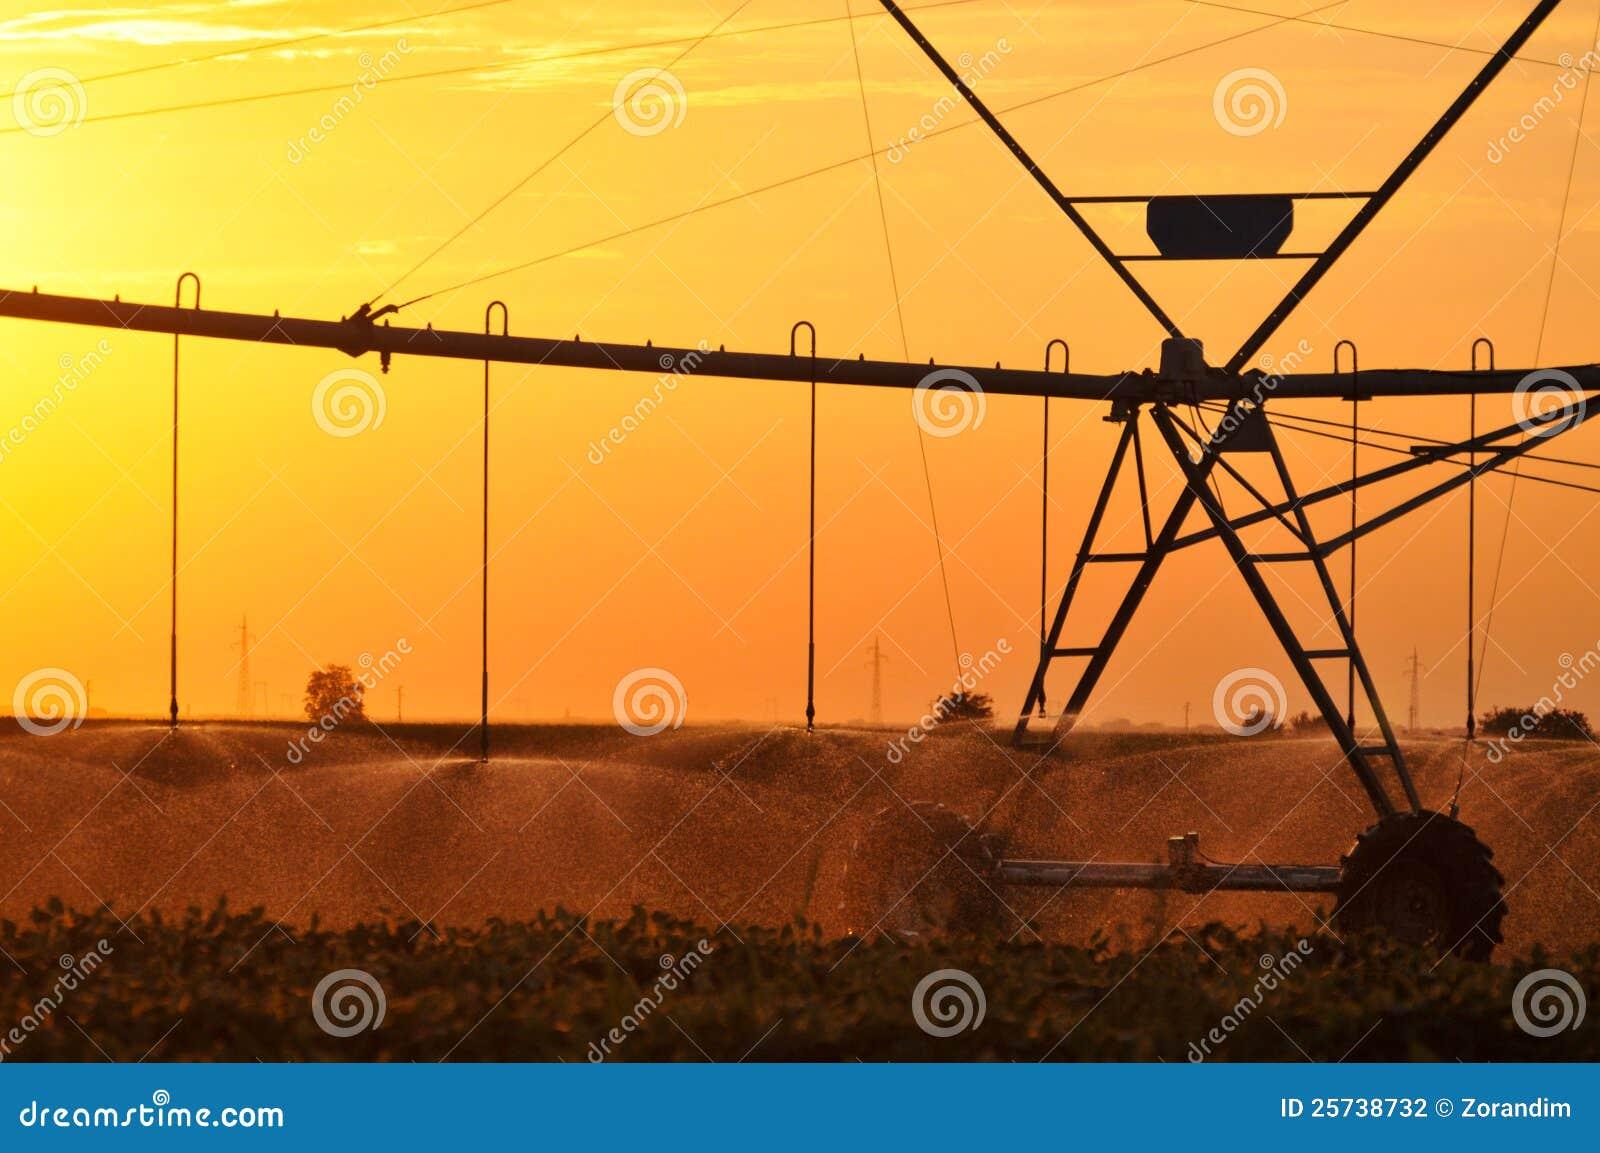 Agricultural Irrigation Sprinkler